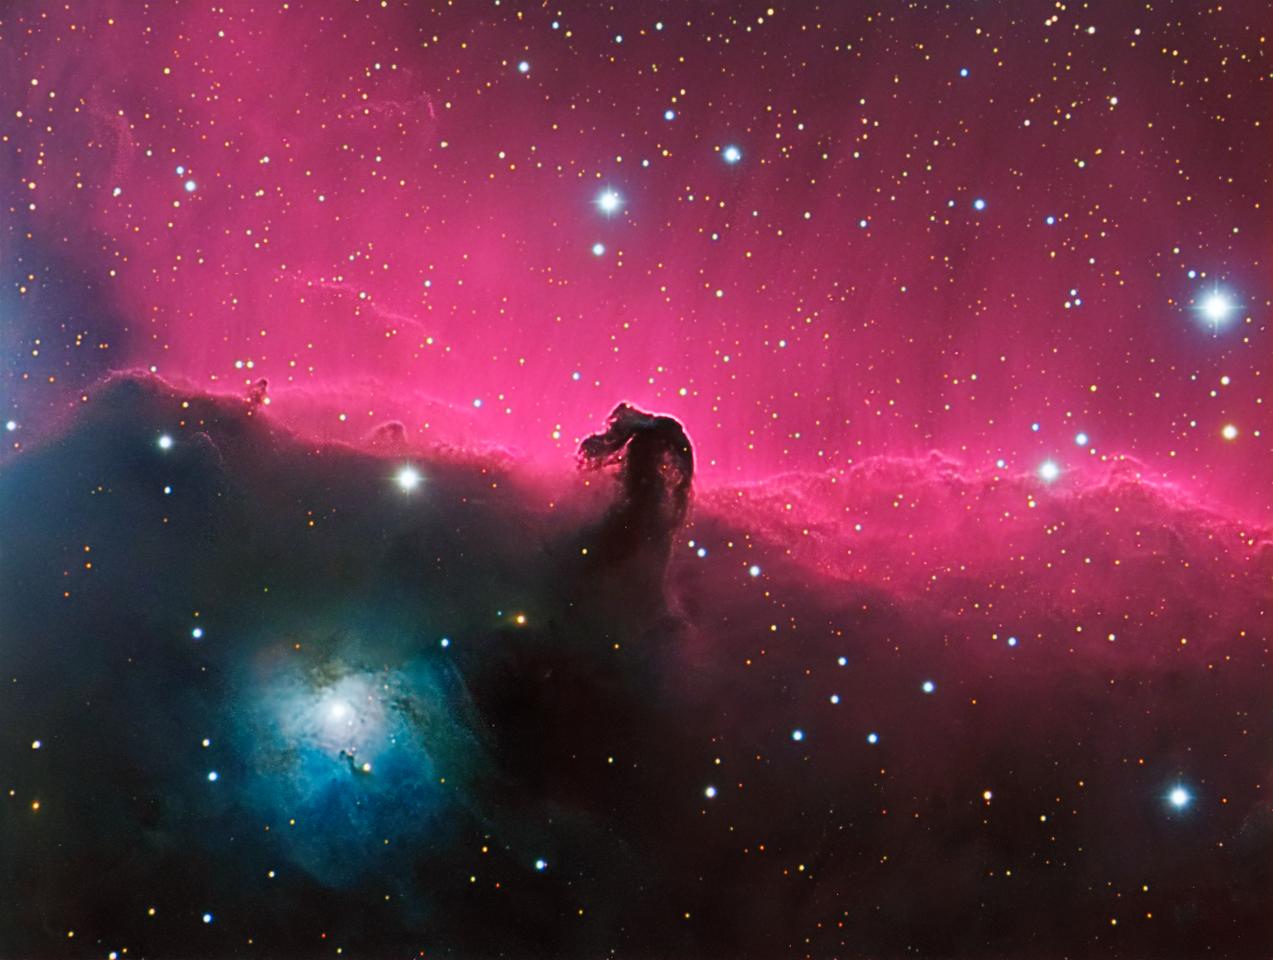 The Horsehead Nebula - IC 434